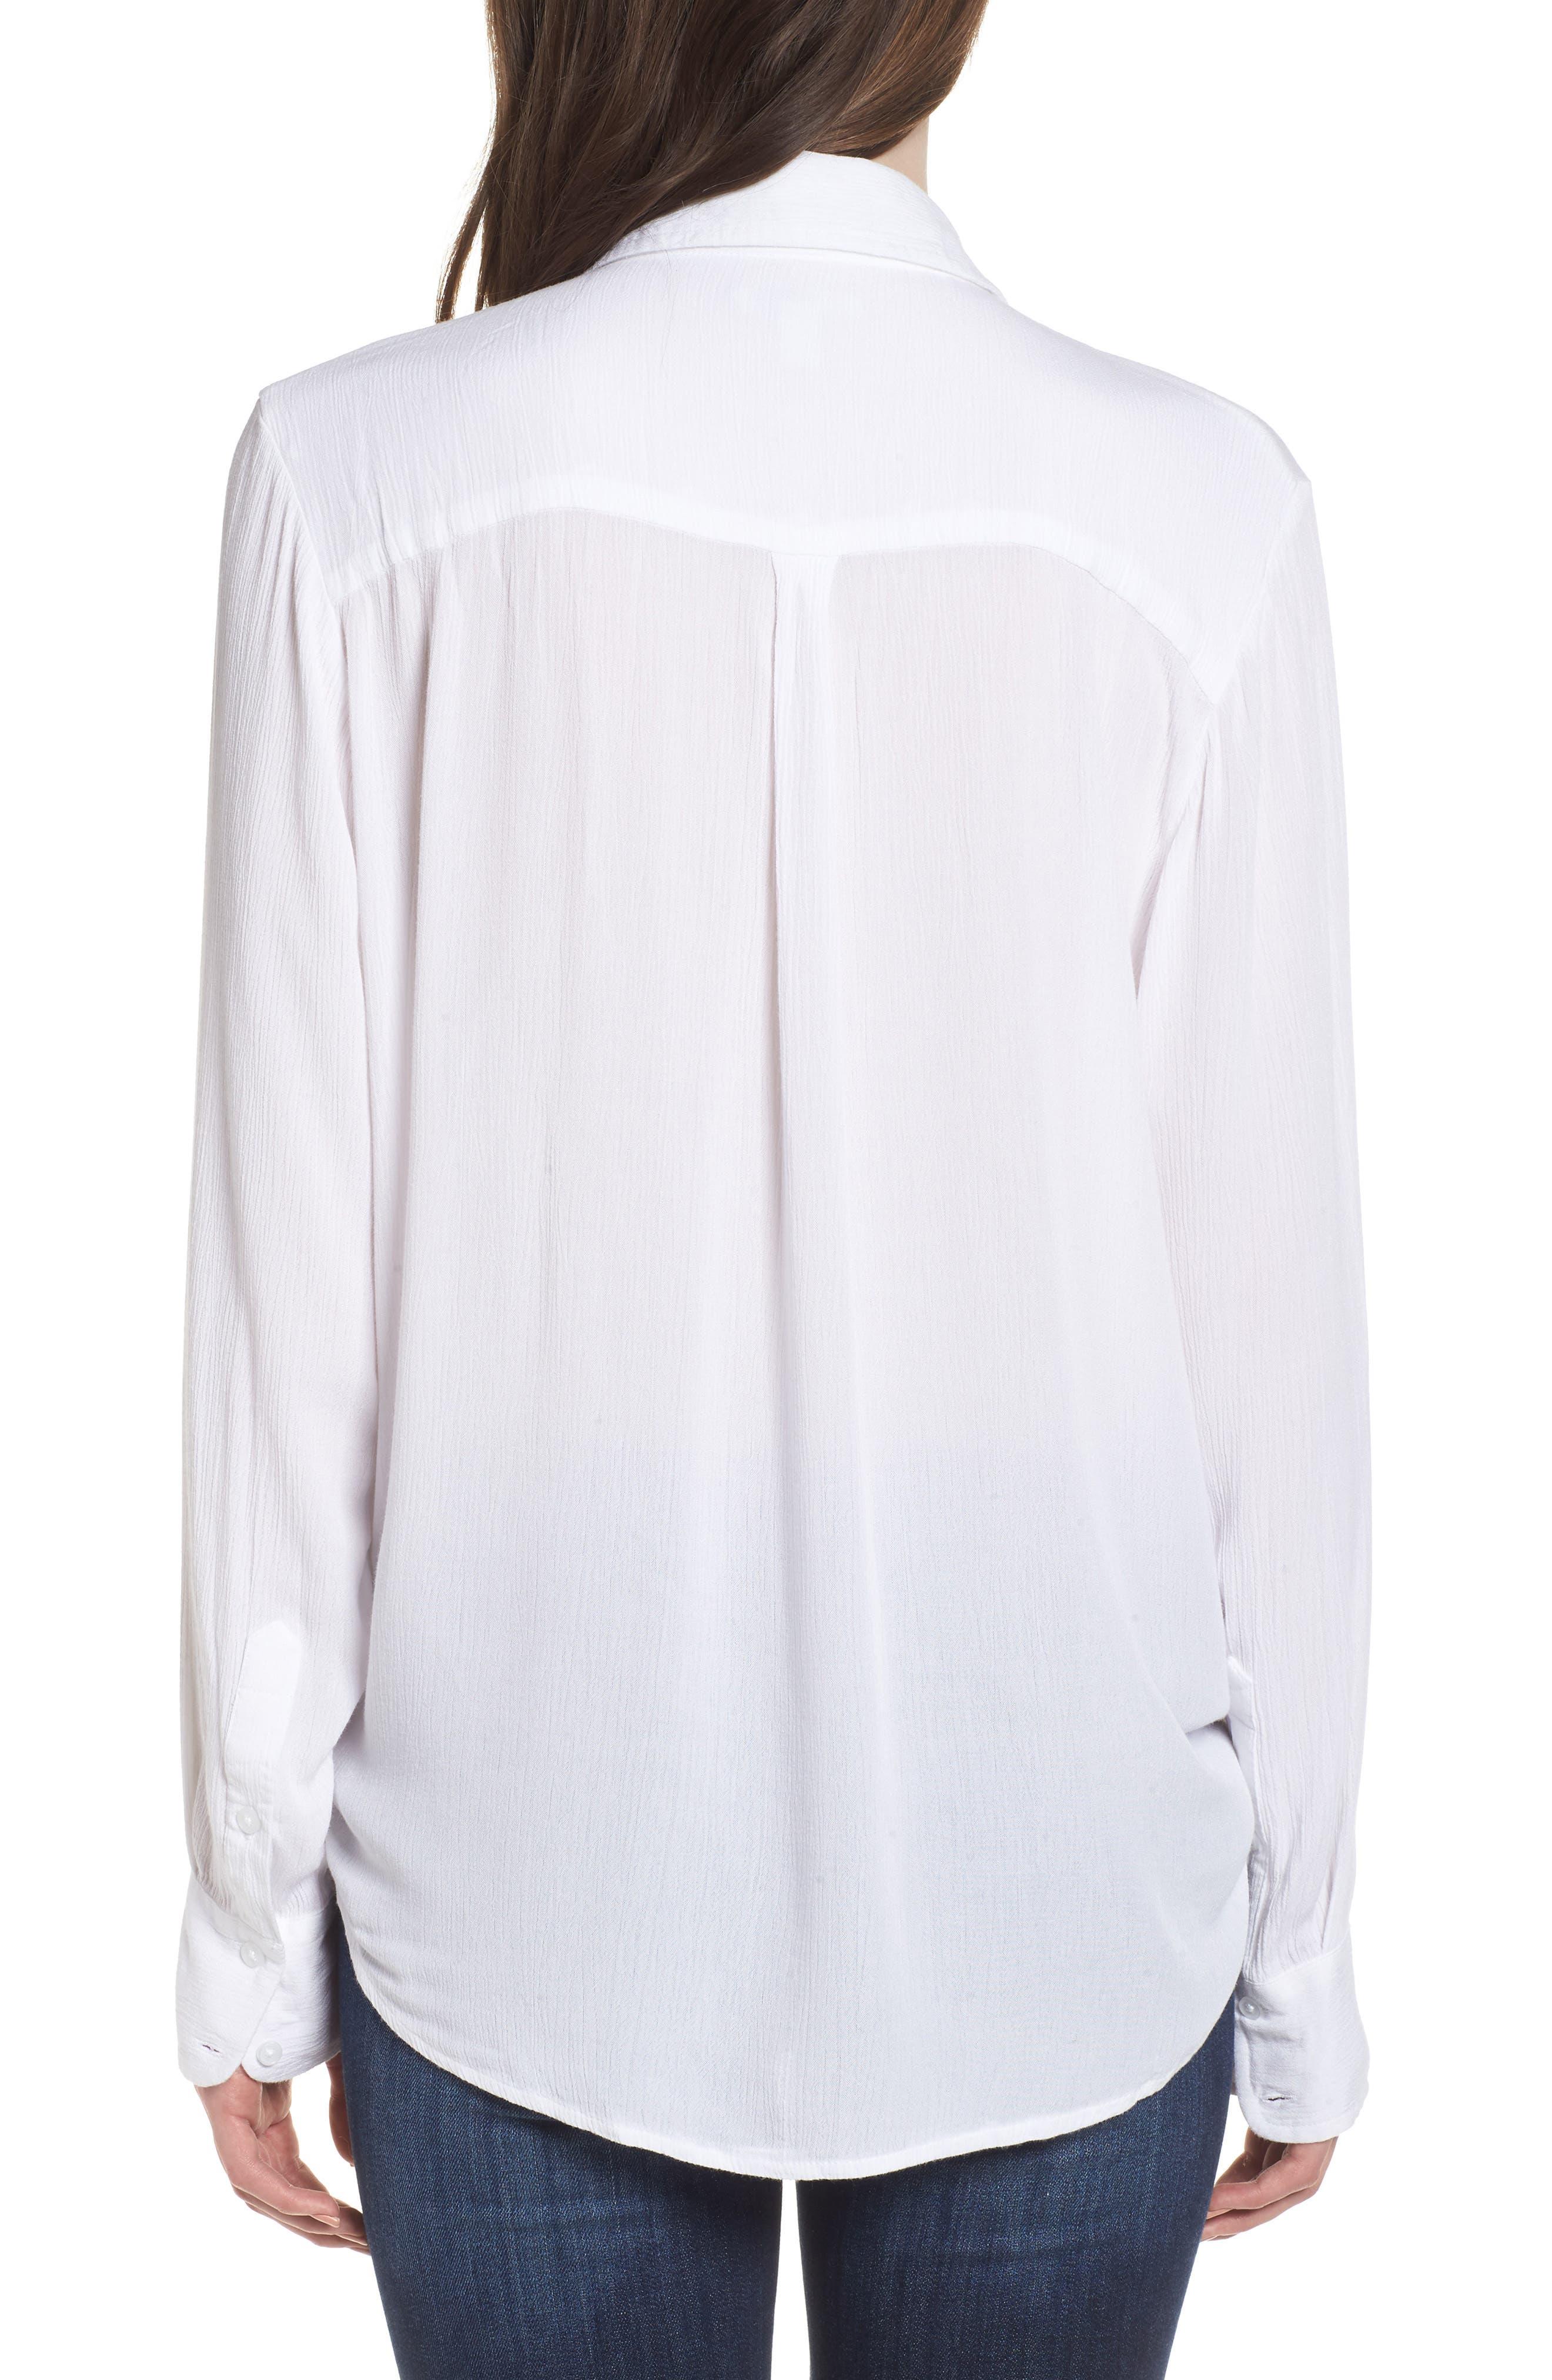 C'est La Vie Knotted Shirt,                             Alternate thumbnail 2, color,                             100